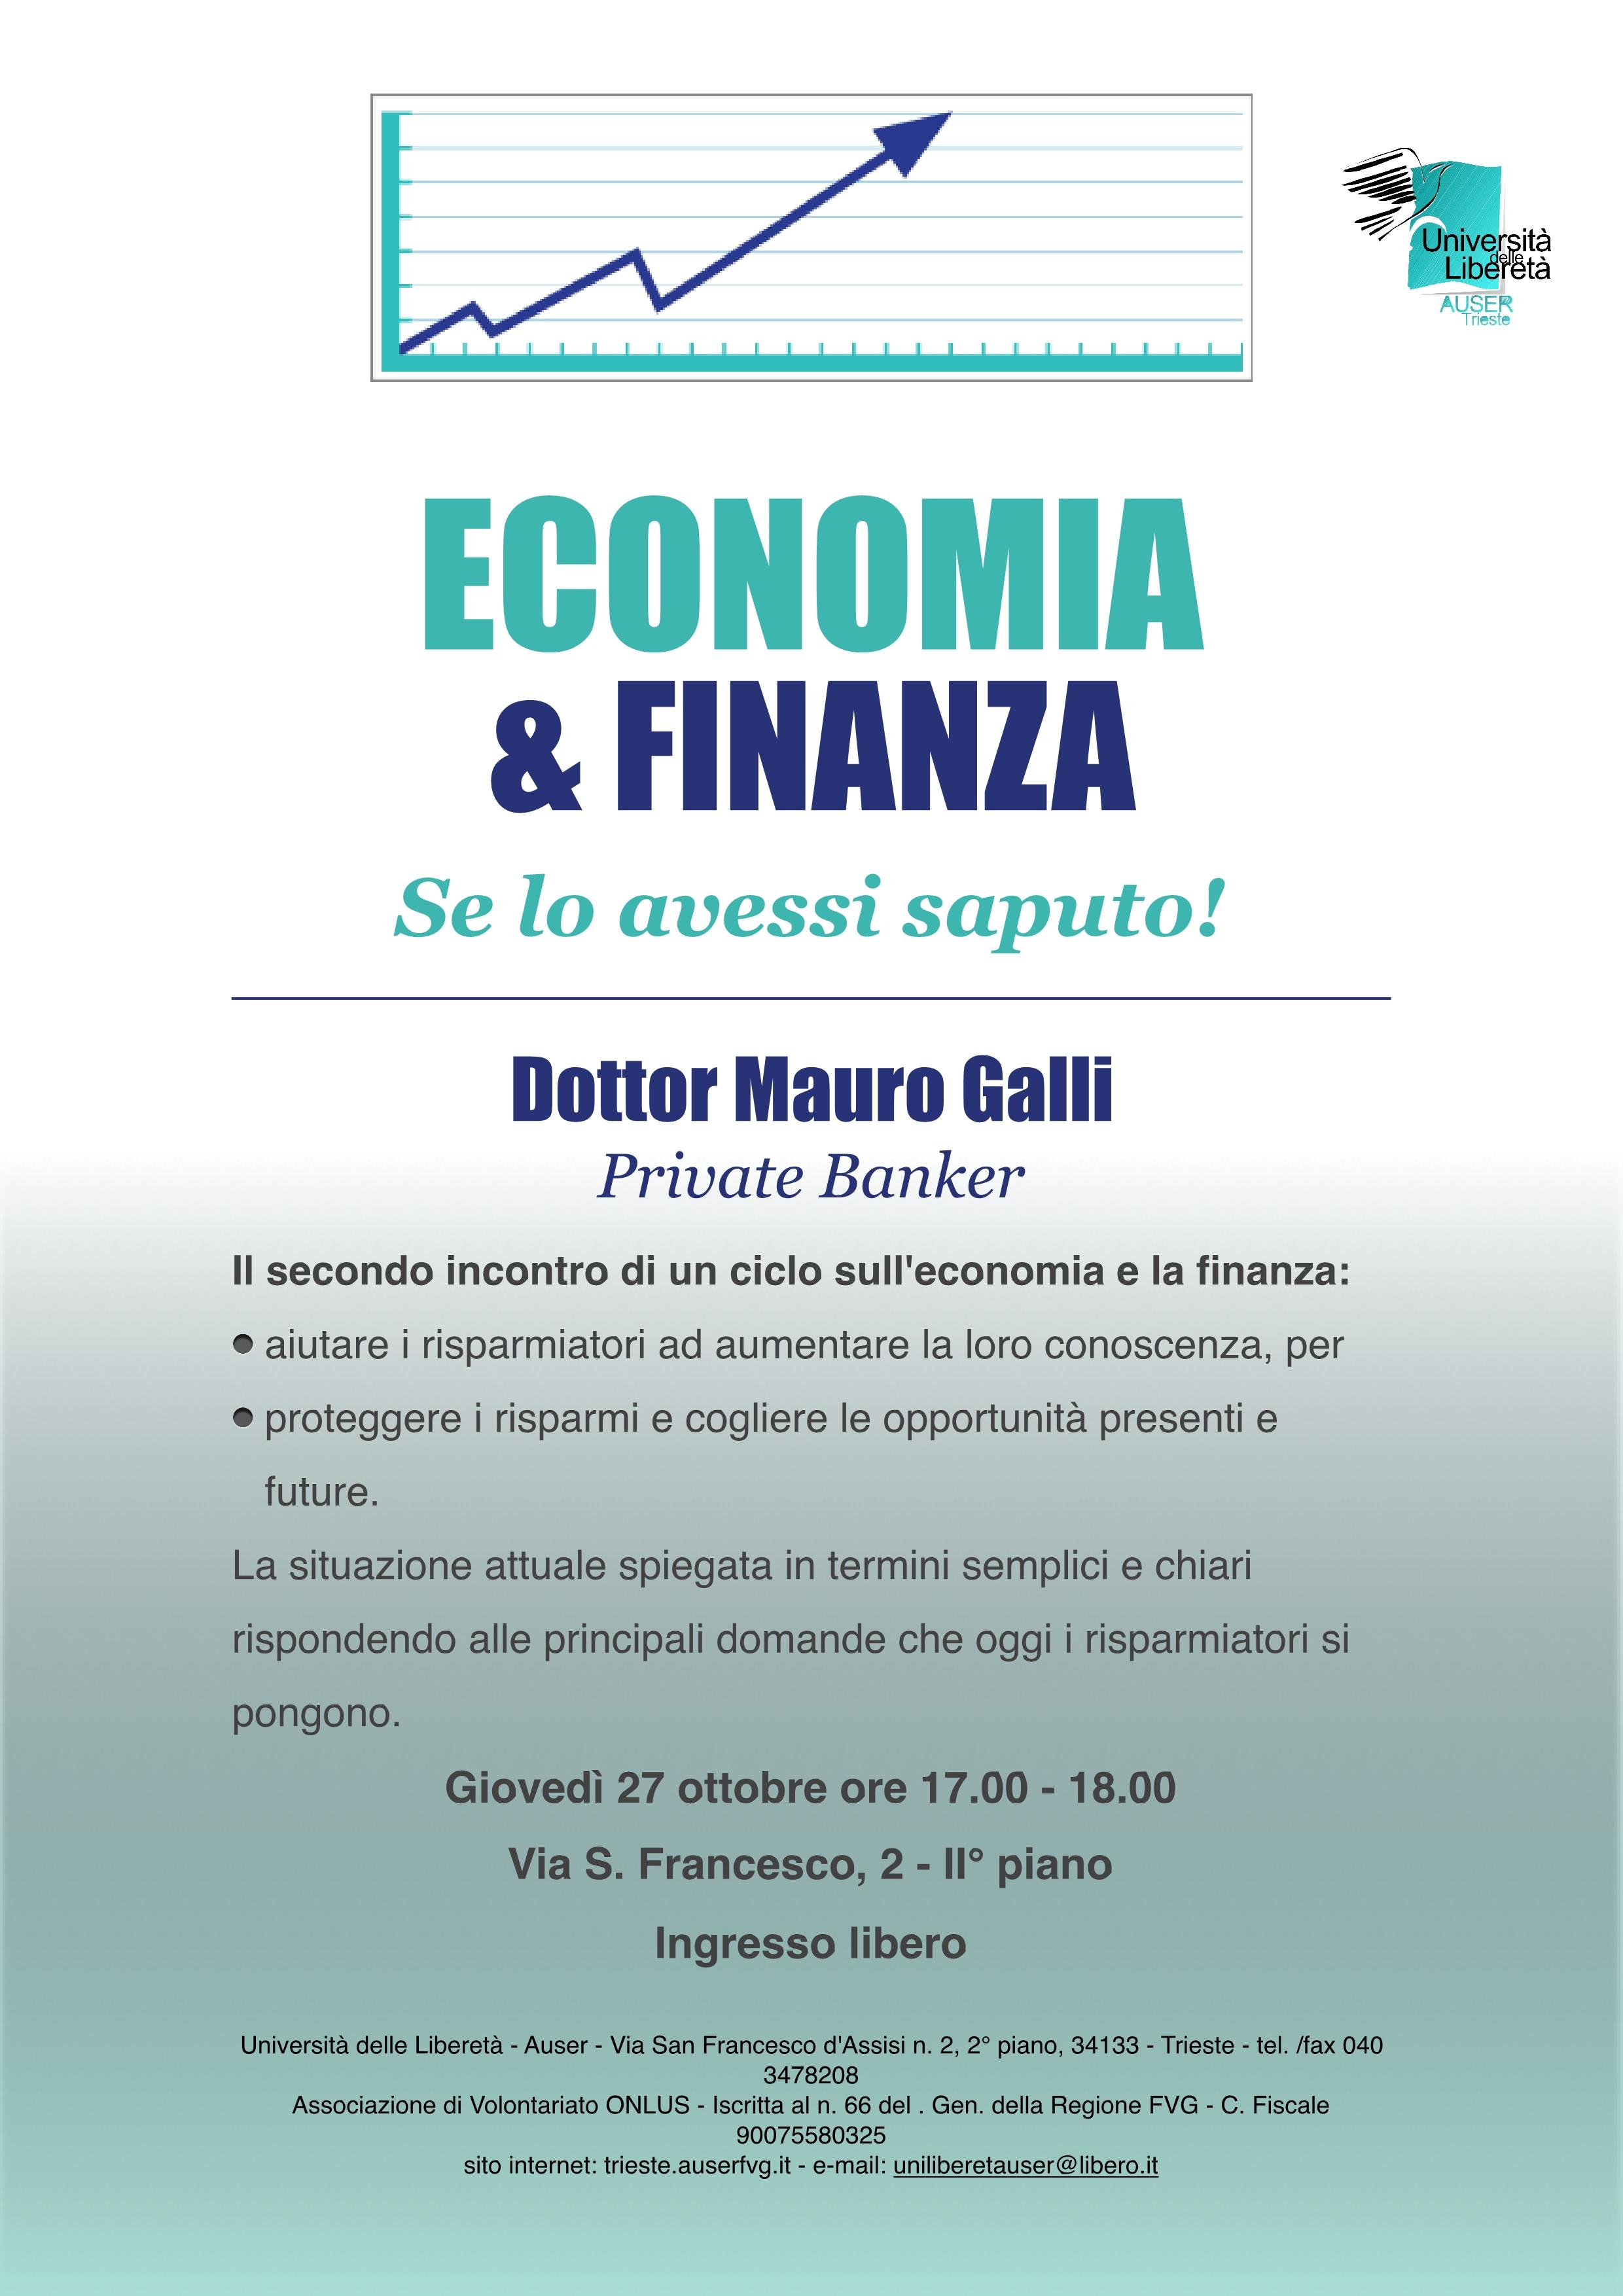 economia-e-finanza-27-10-161